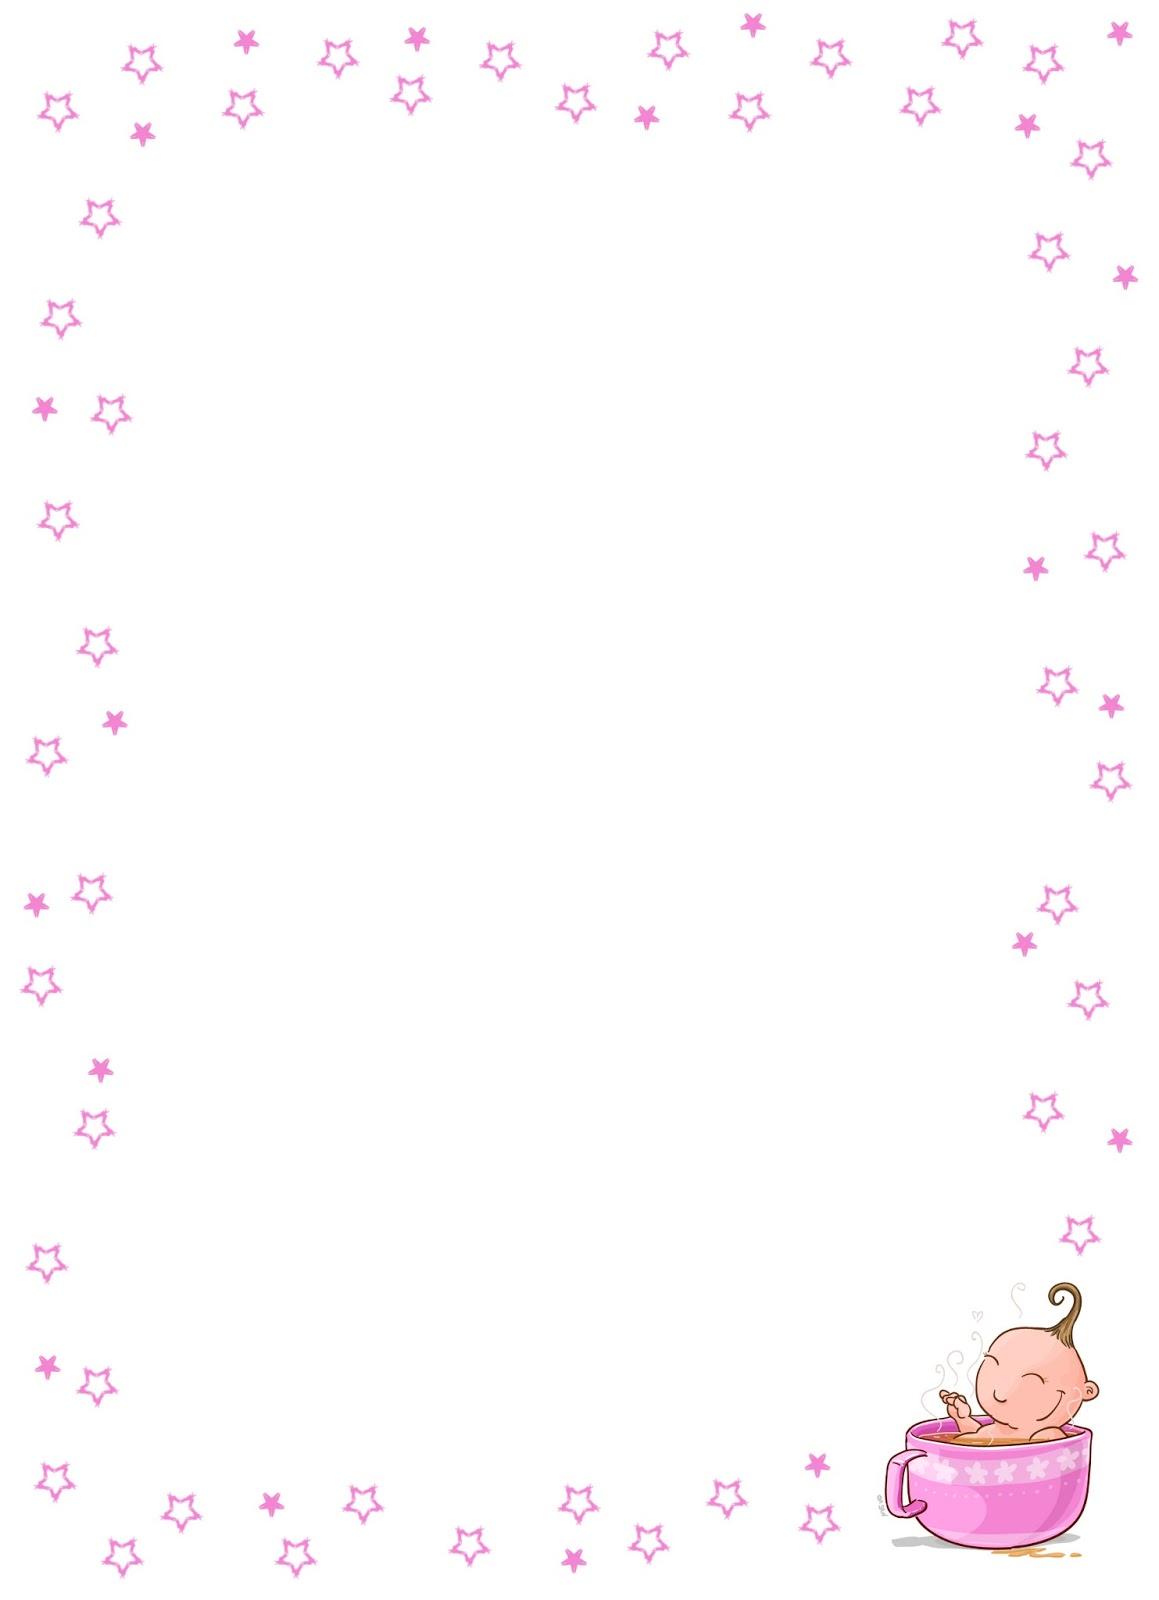 Melancolia: Capas de Chá de bebê e bordas para as páginas